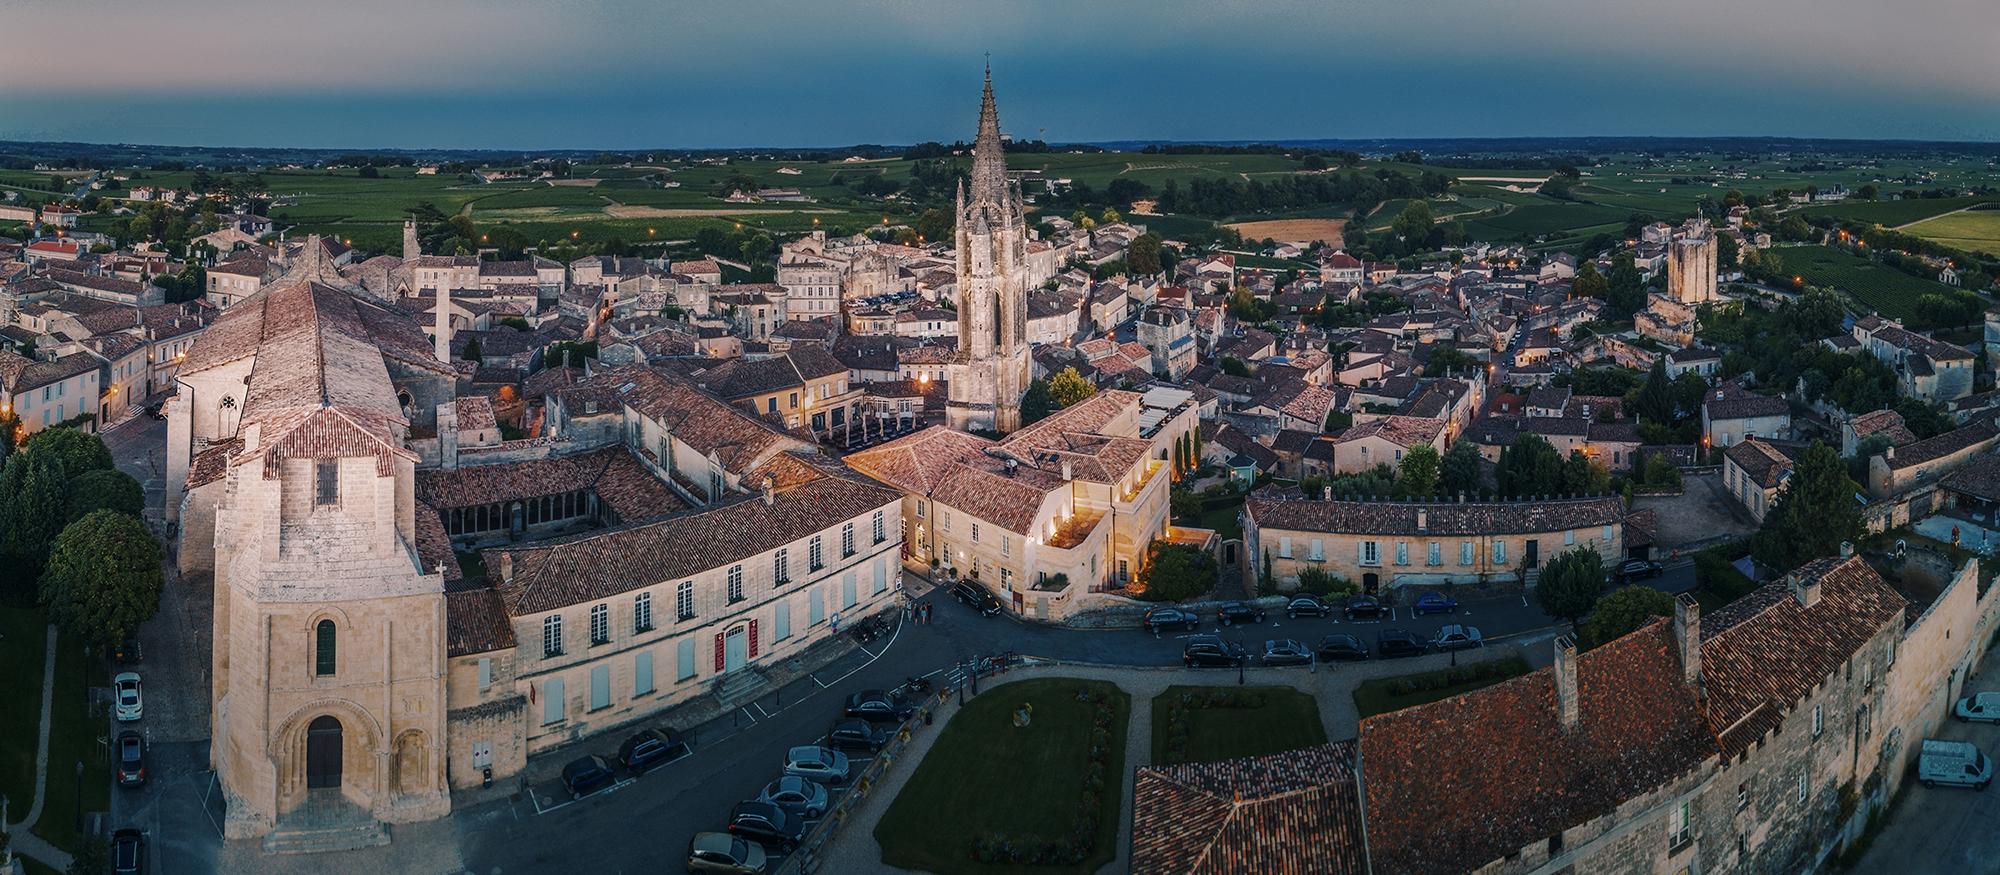 昂古莱姆(Angouleme)-干邑小镇(Cognac)-酒庄参观